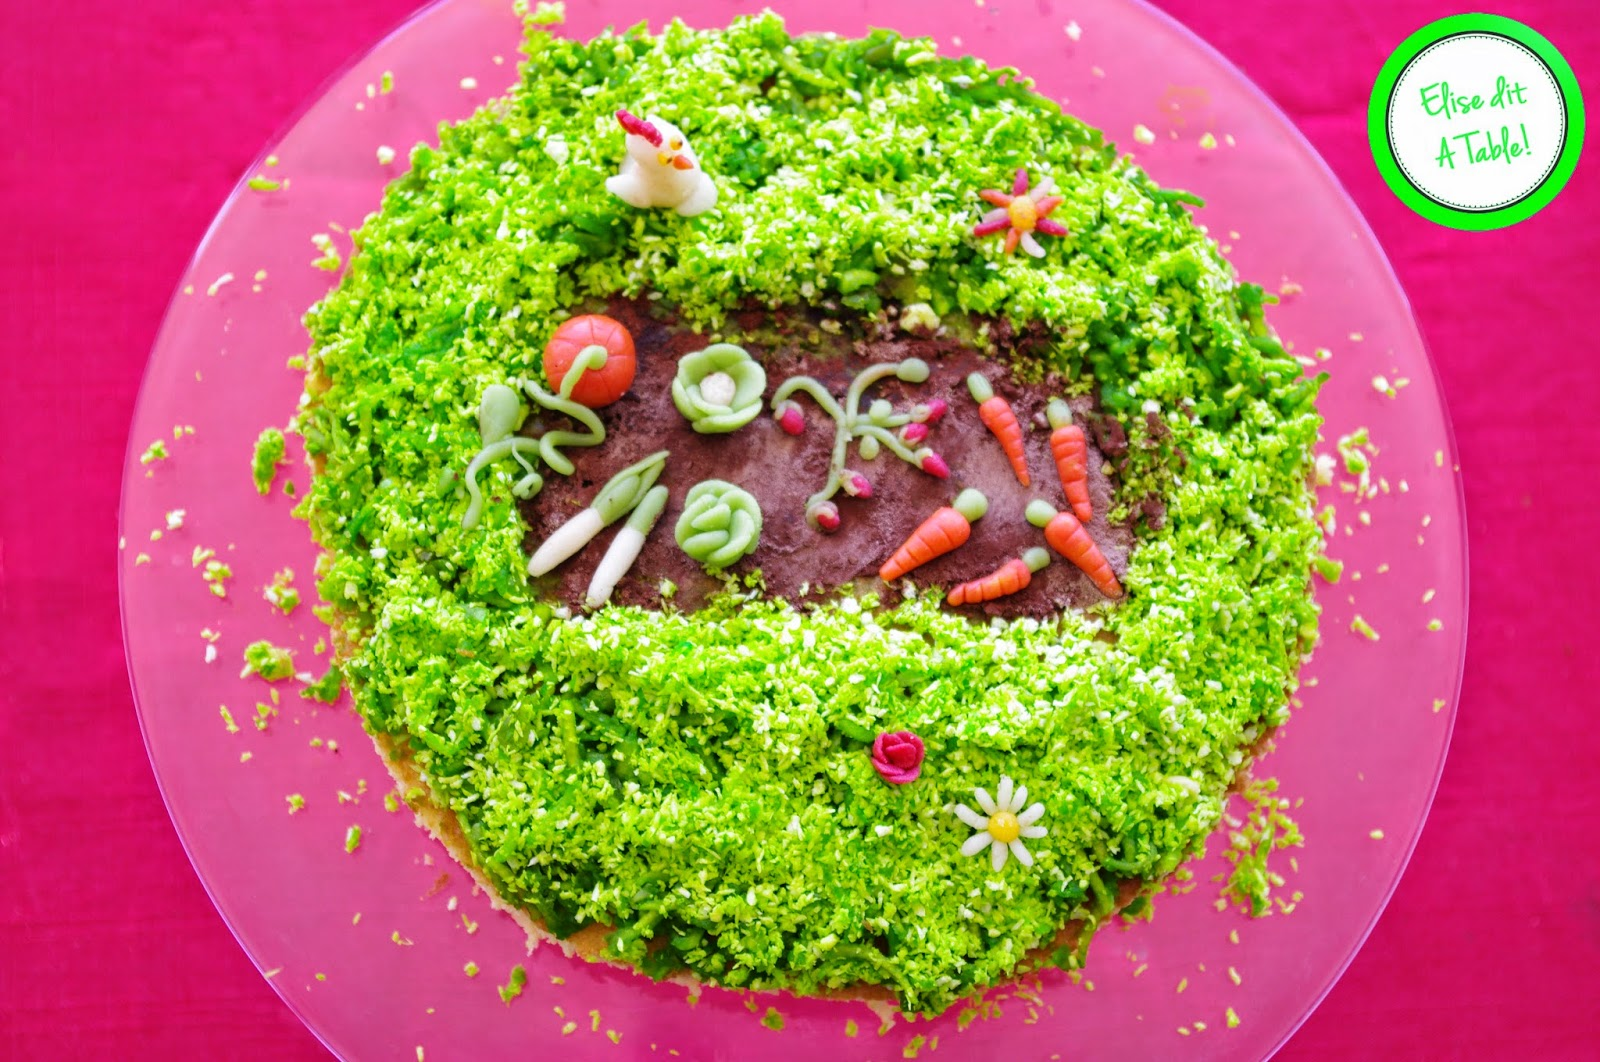 Gâteau pate à scure thème jardin